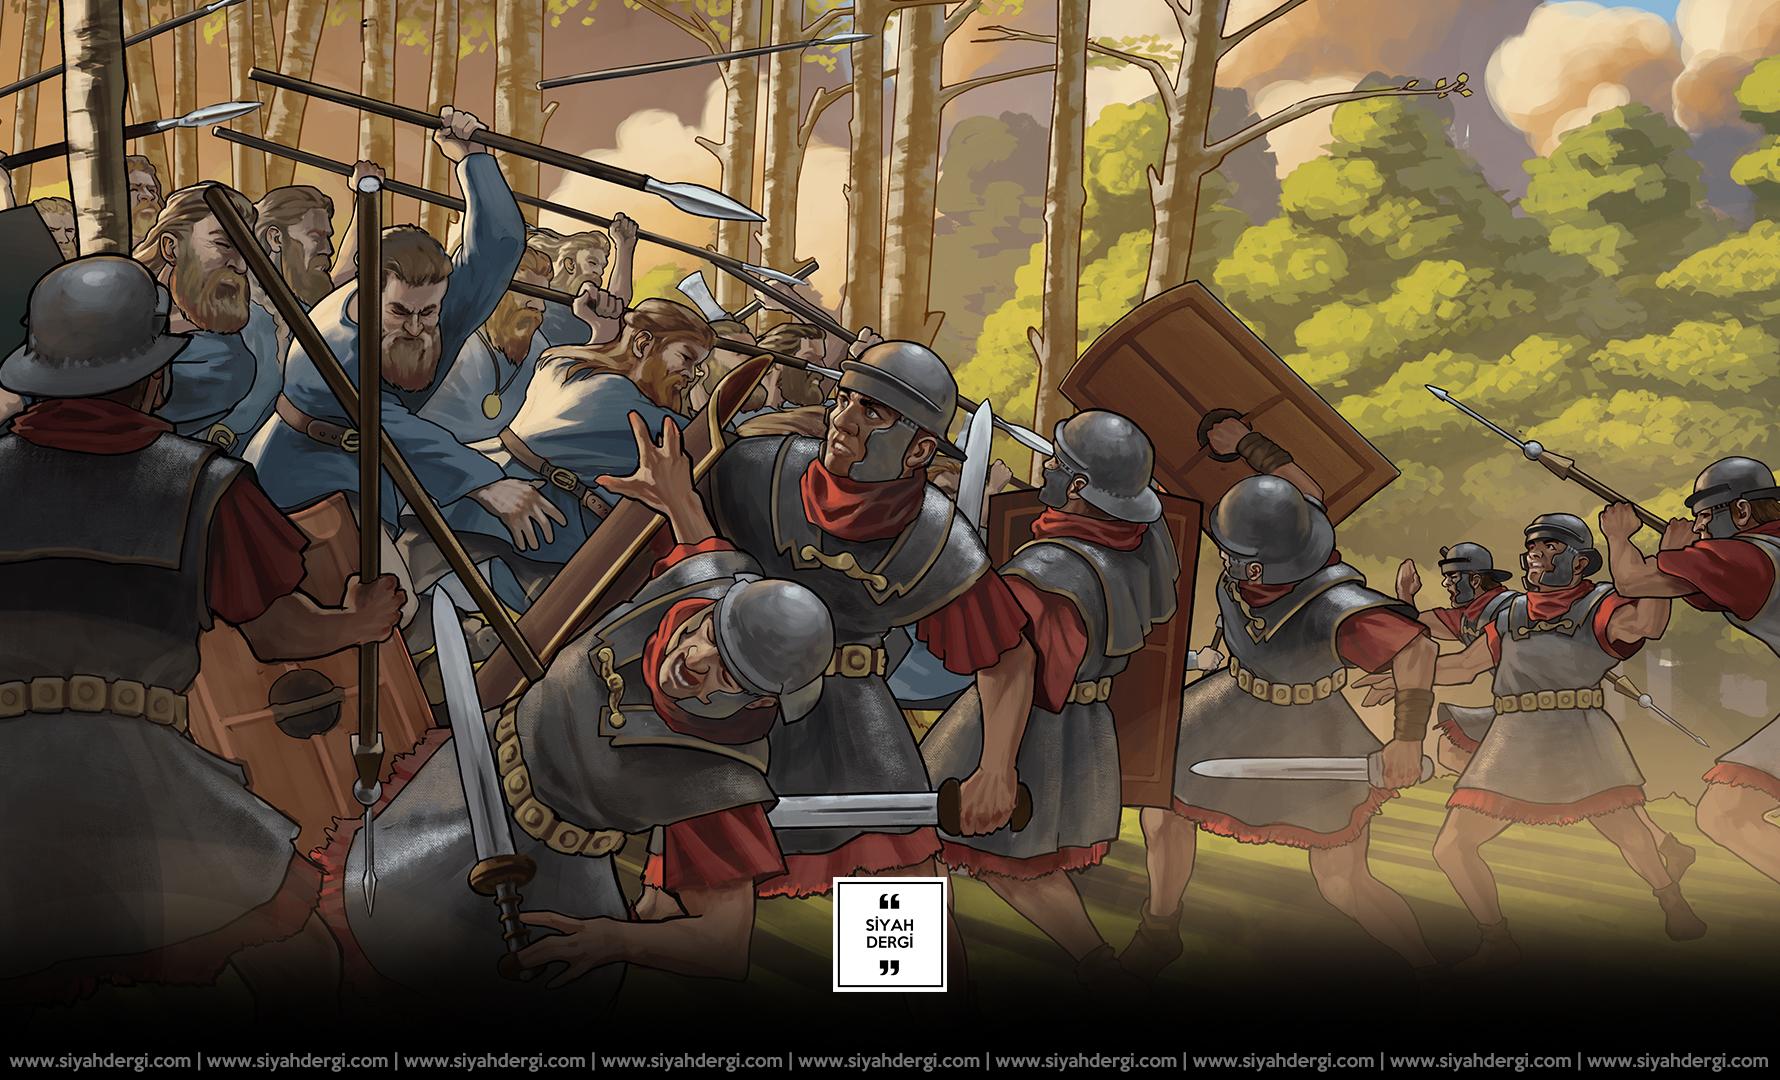 Teutoburg (Varus) Savaşının Etkileri Günümüzü Hala Etkiliyor